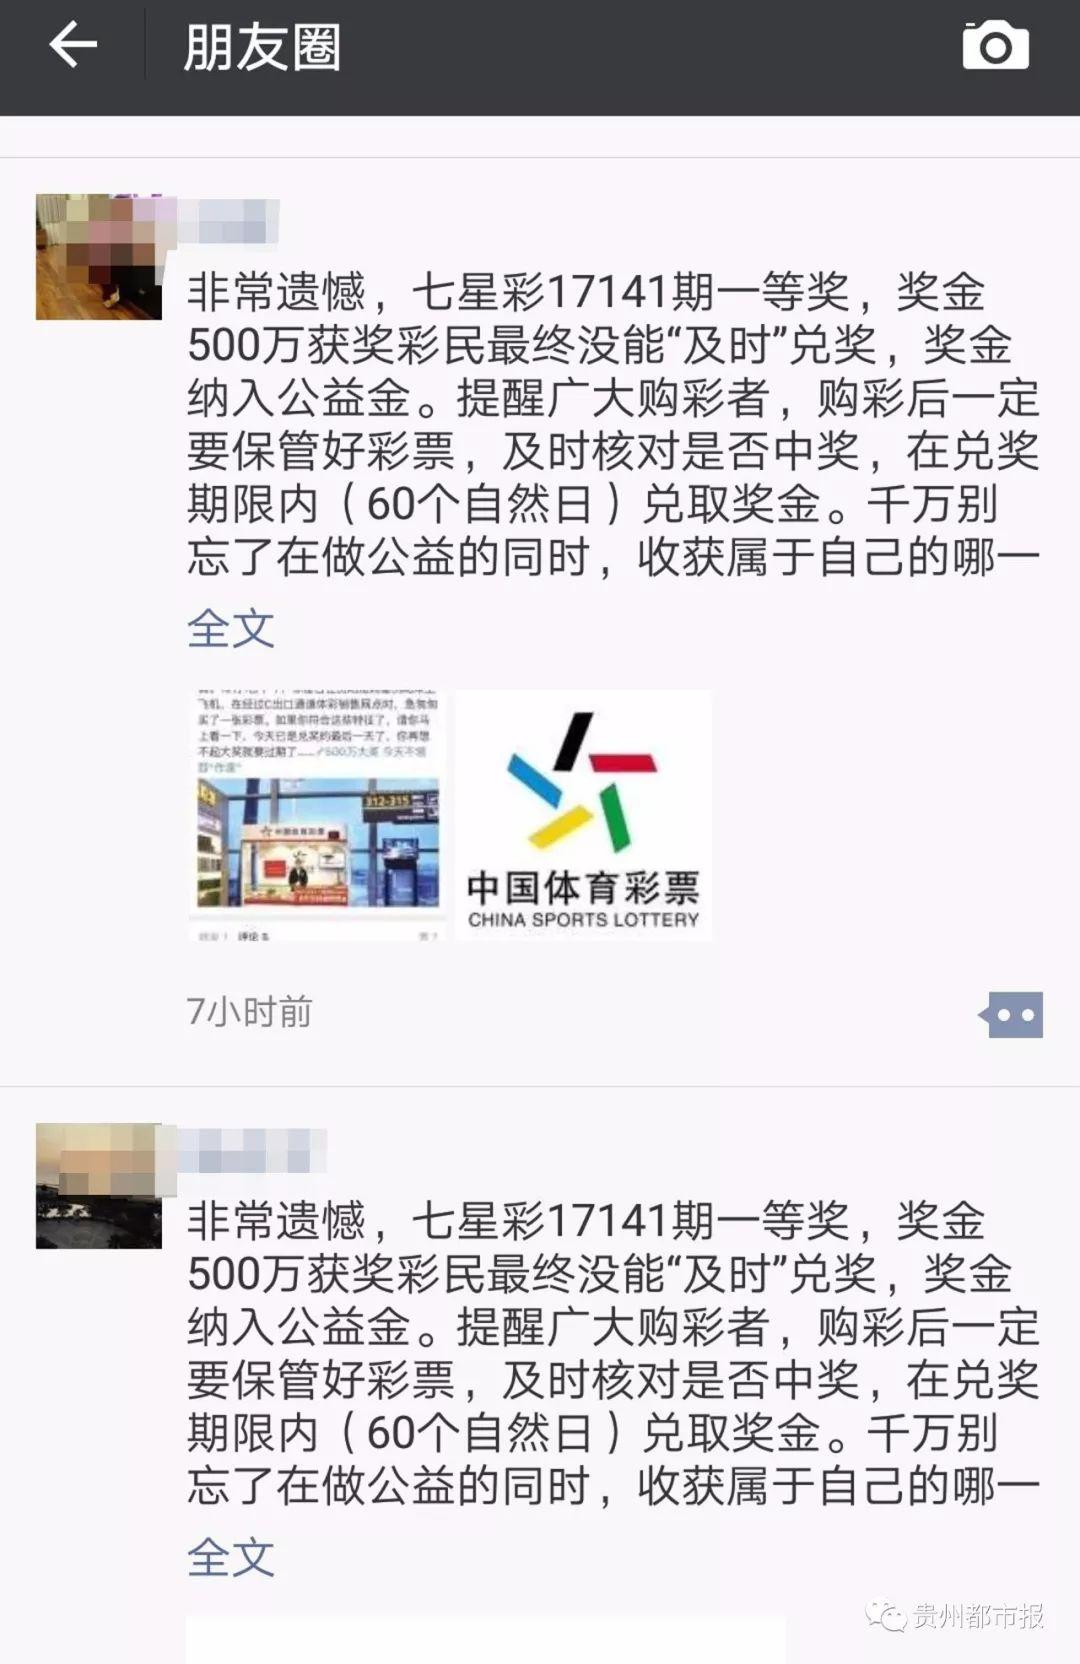 (大奖得主未出现,微信朋友圈里网友们表示遗憾.